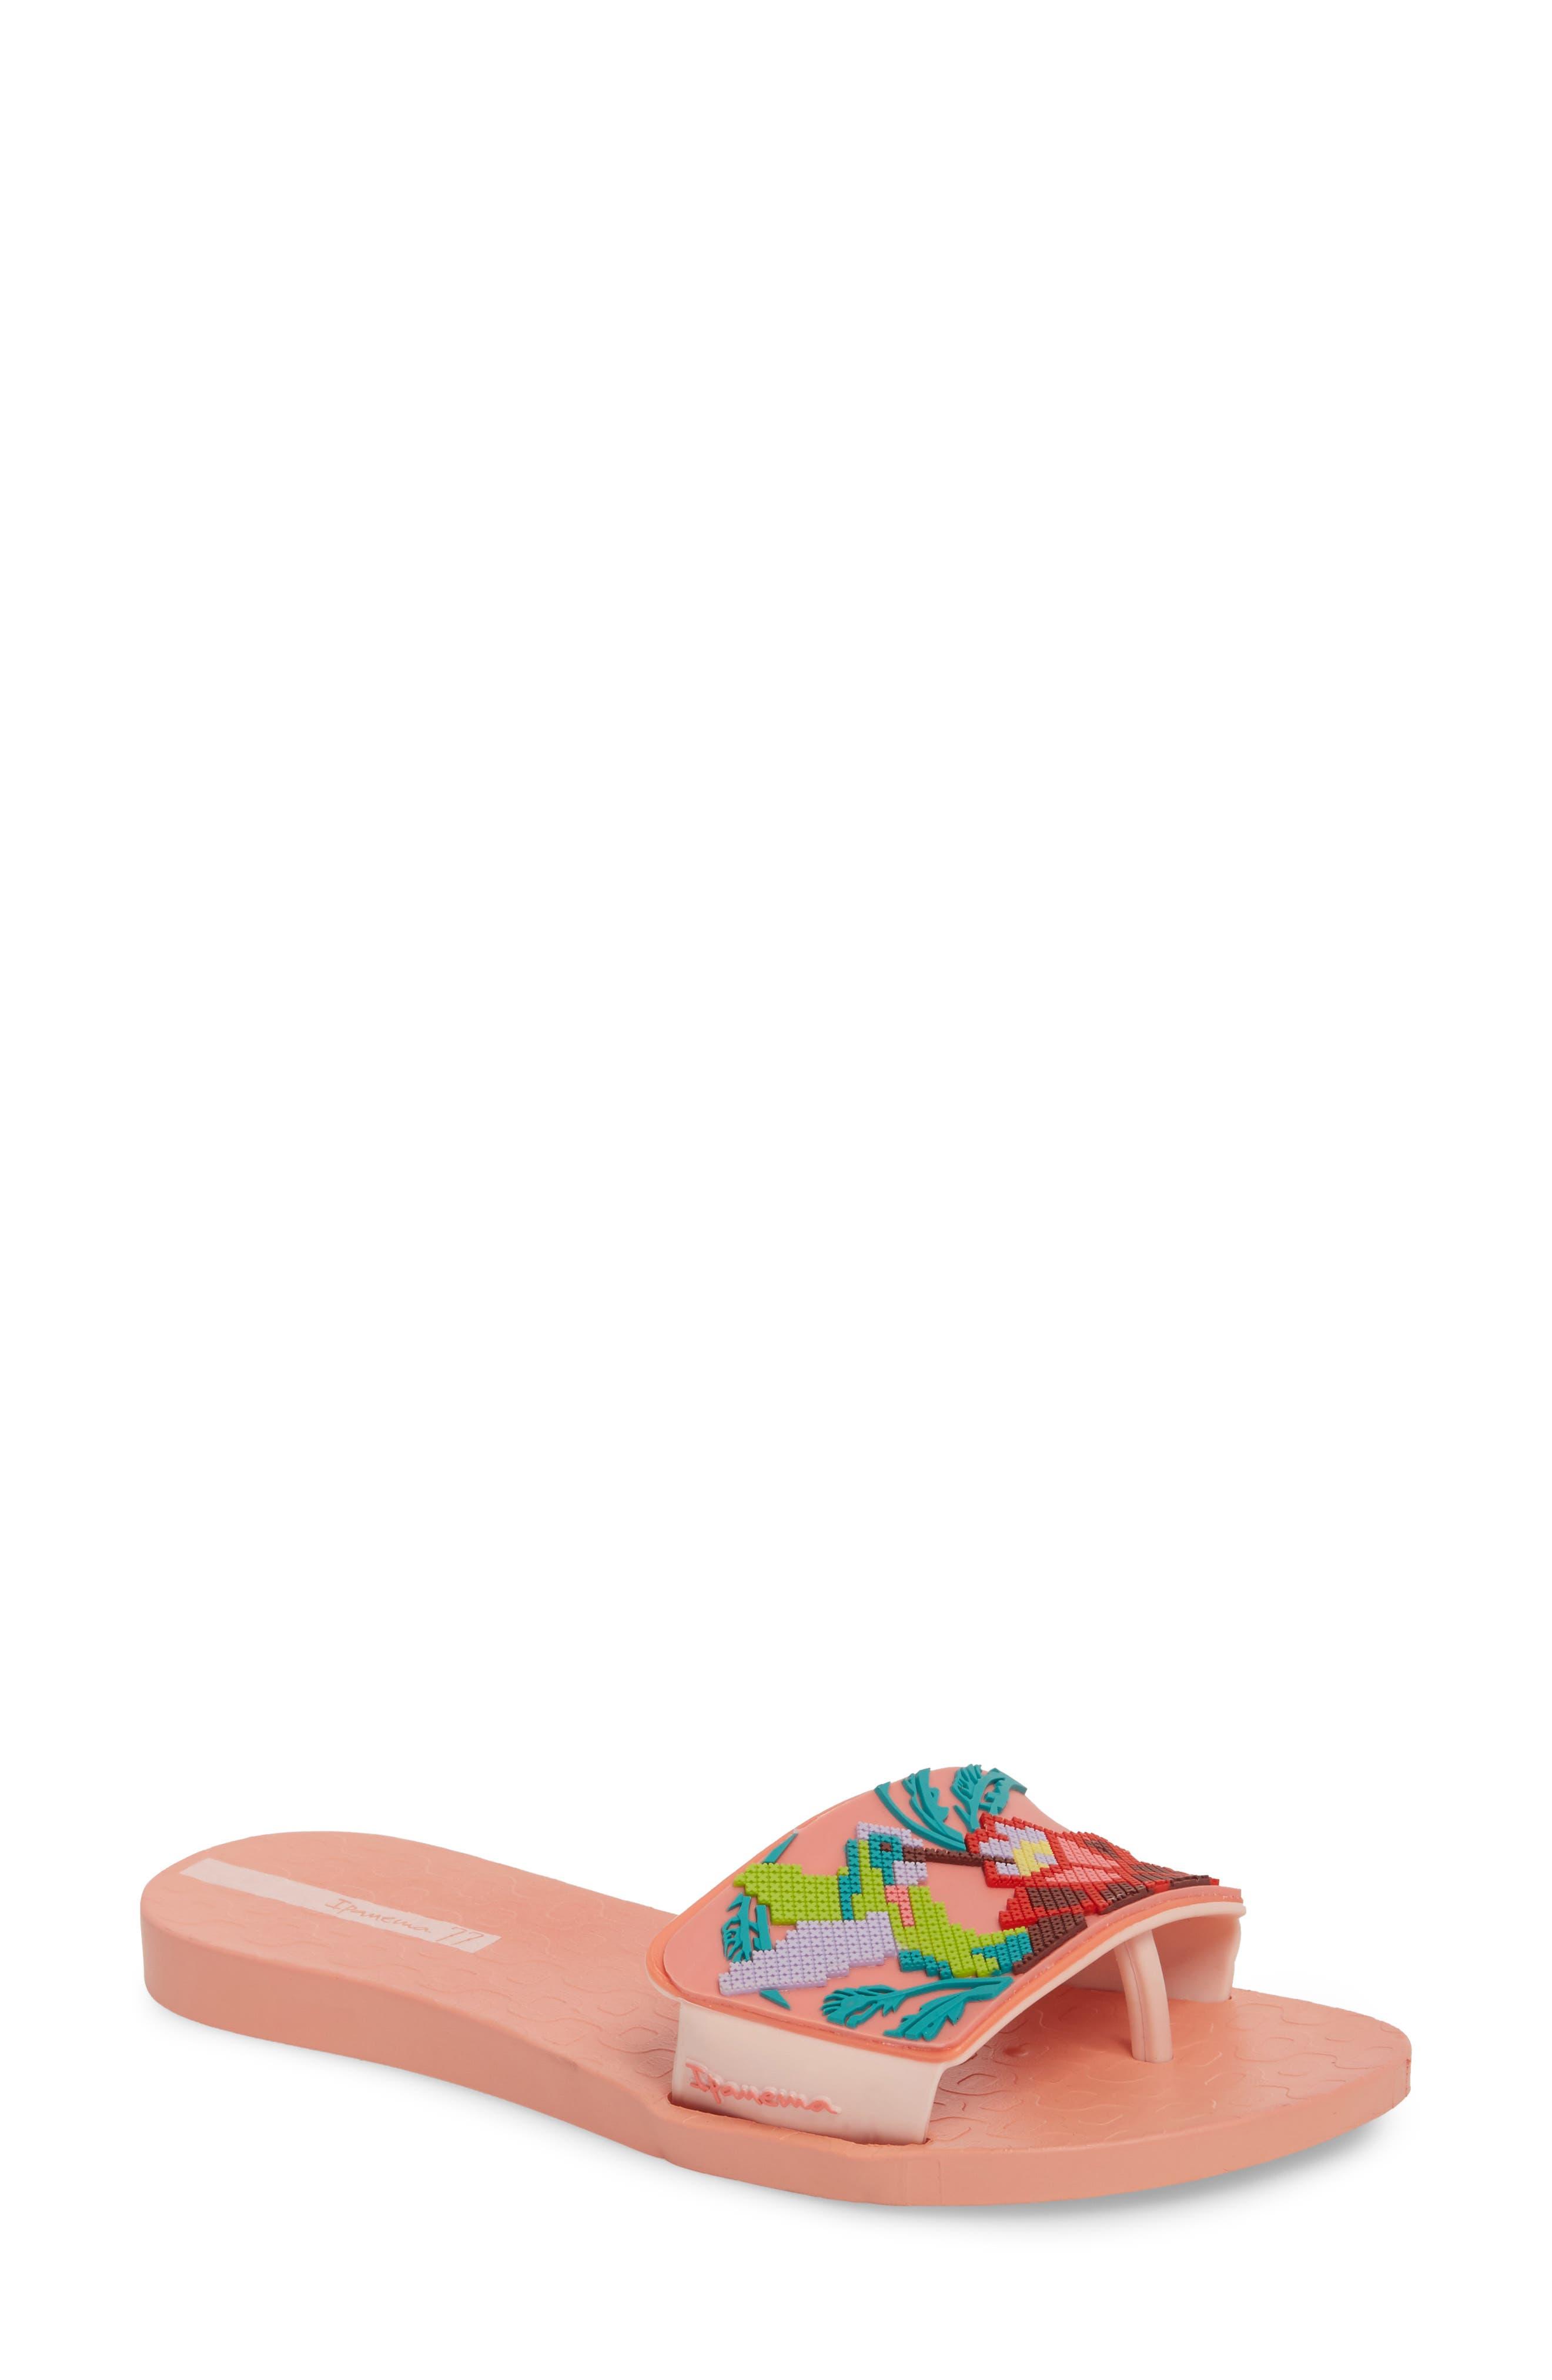 Nectar Floral Slide Sandal,                             Main thumbnail 1, color,                             Orange/ Pink